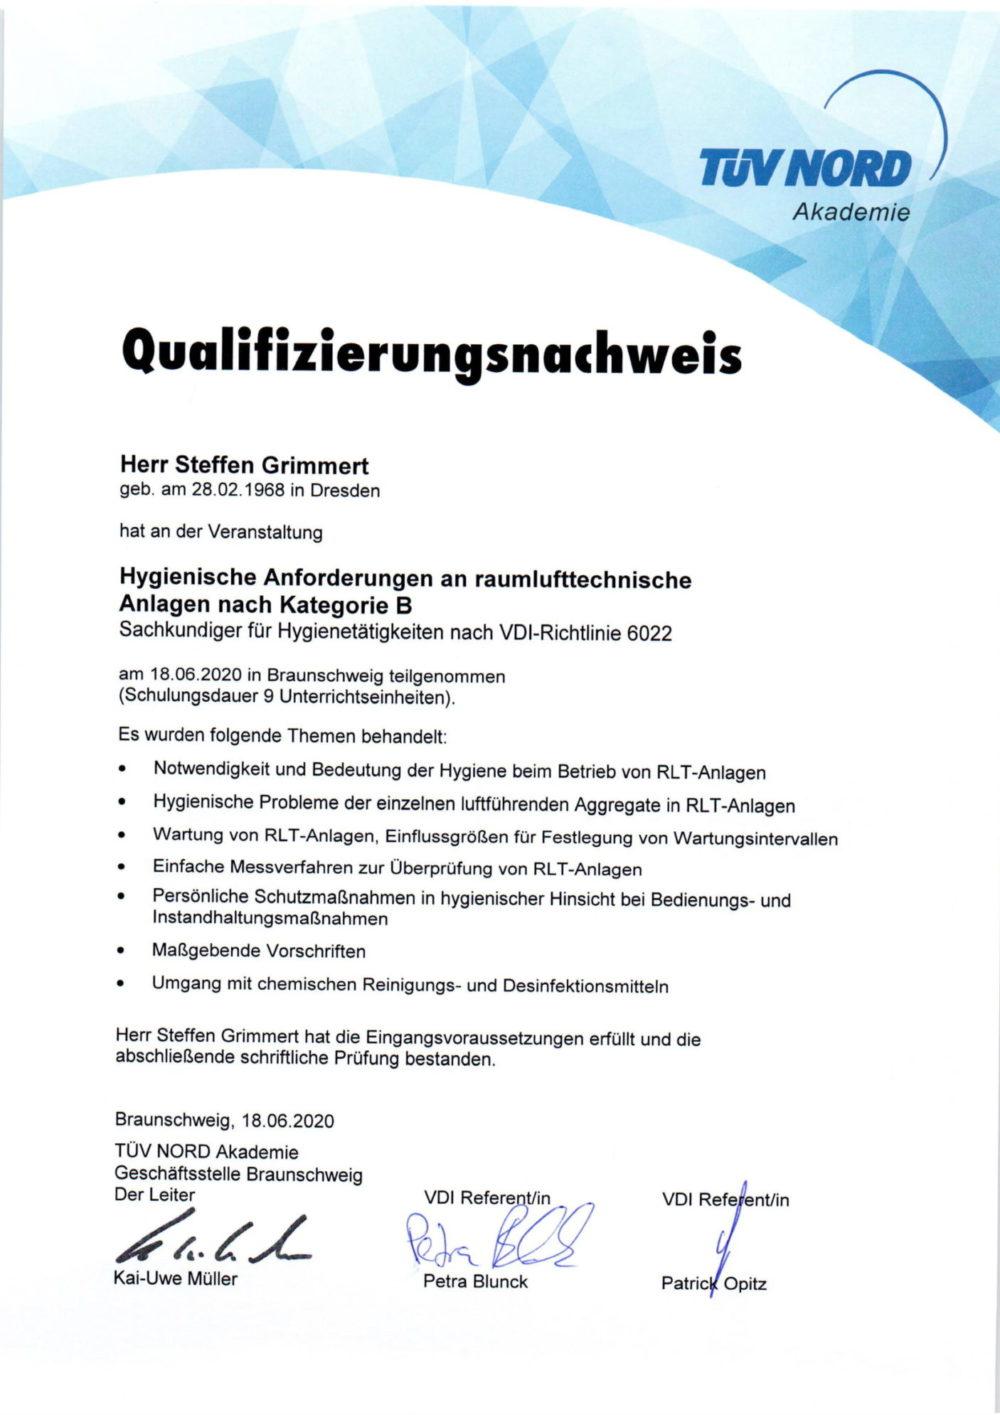 Qualifizierungsnachweis